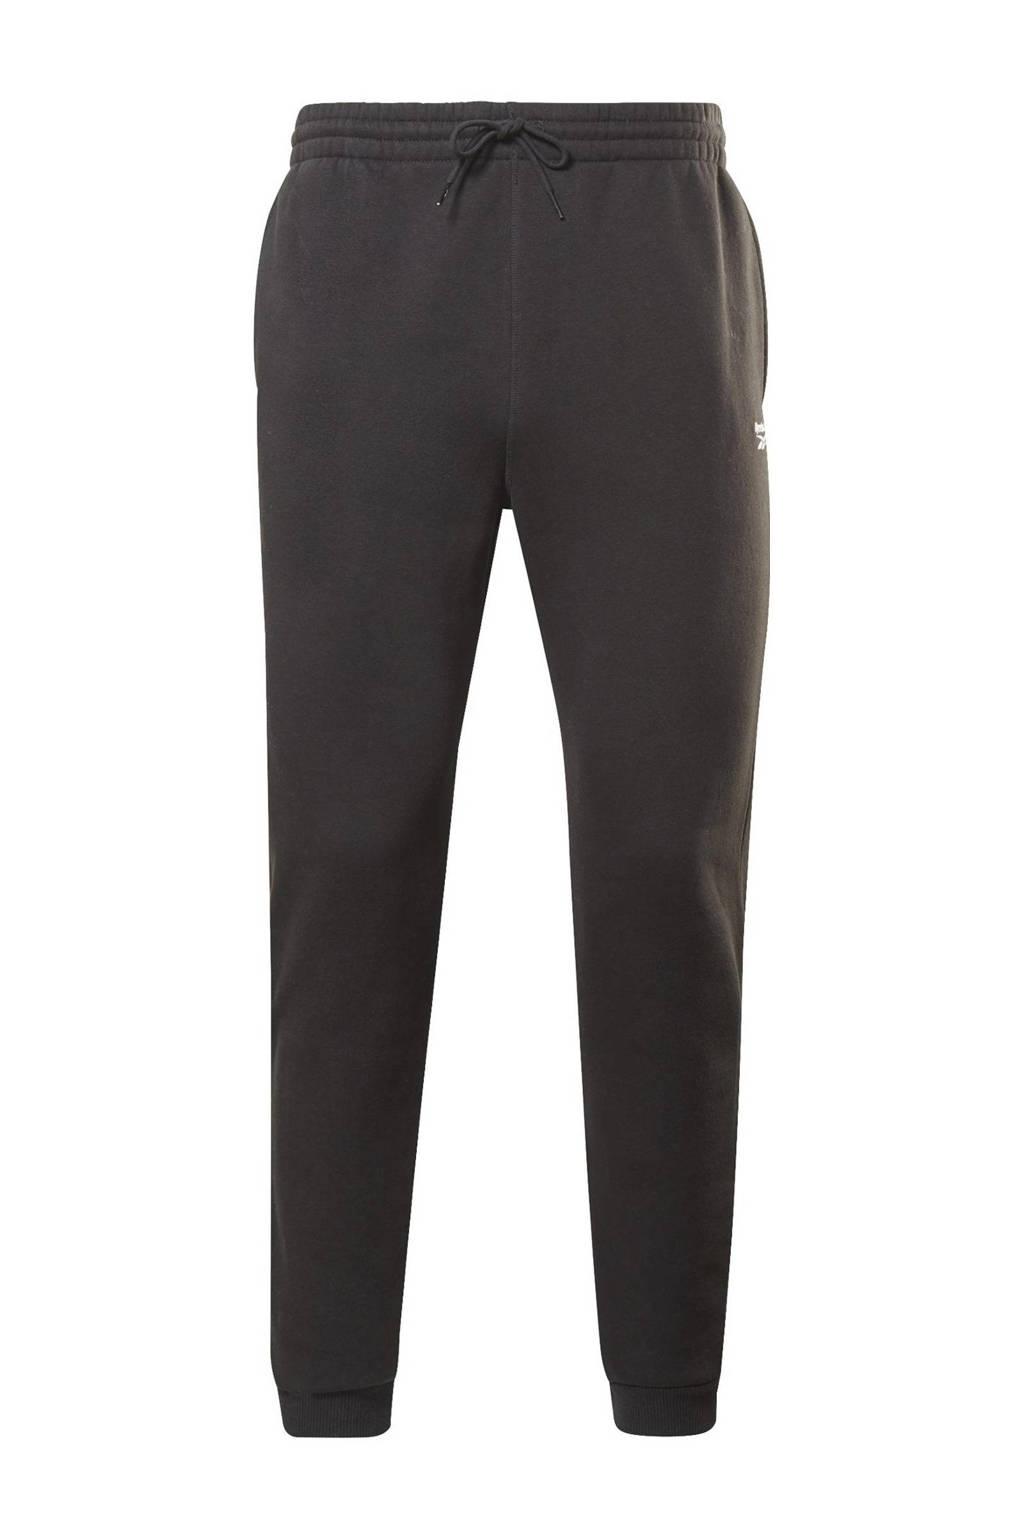 Reebok Classics fleece joggingbroek zwart, Zwart